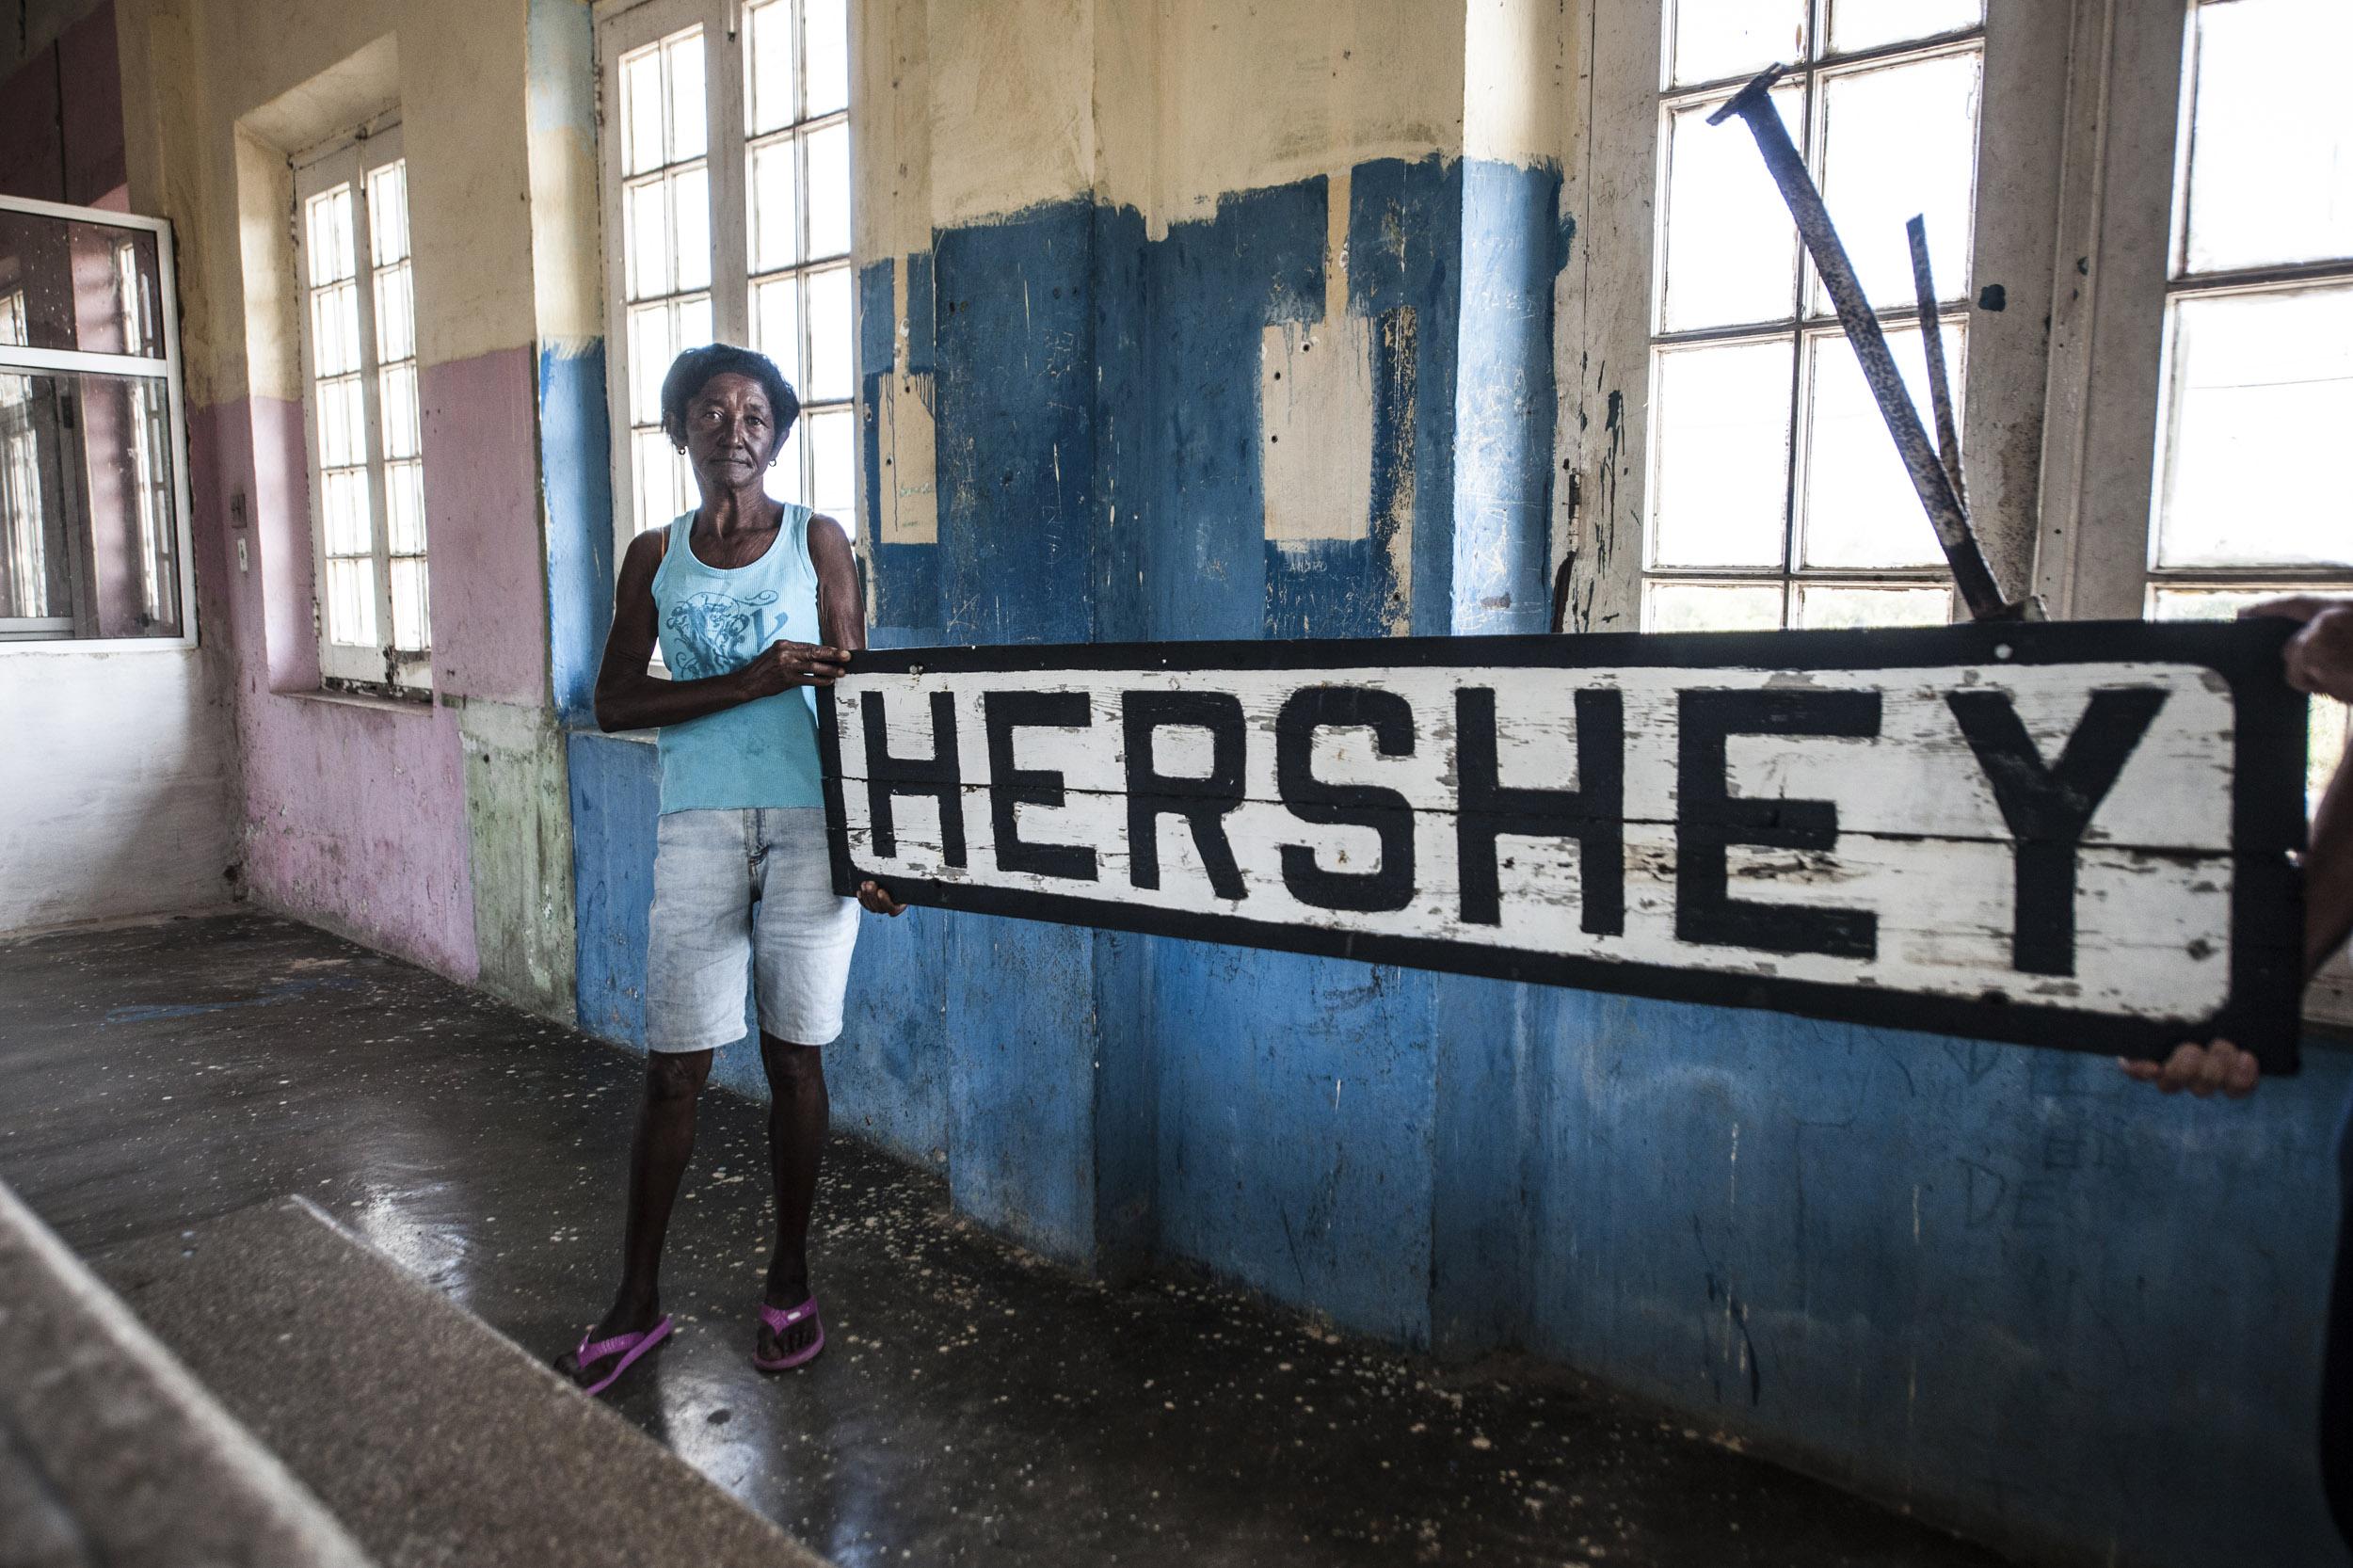 El tren de Hershey - Cuba - Hector Garrido, Aerial and human photography